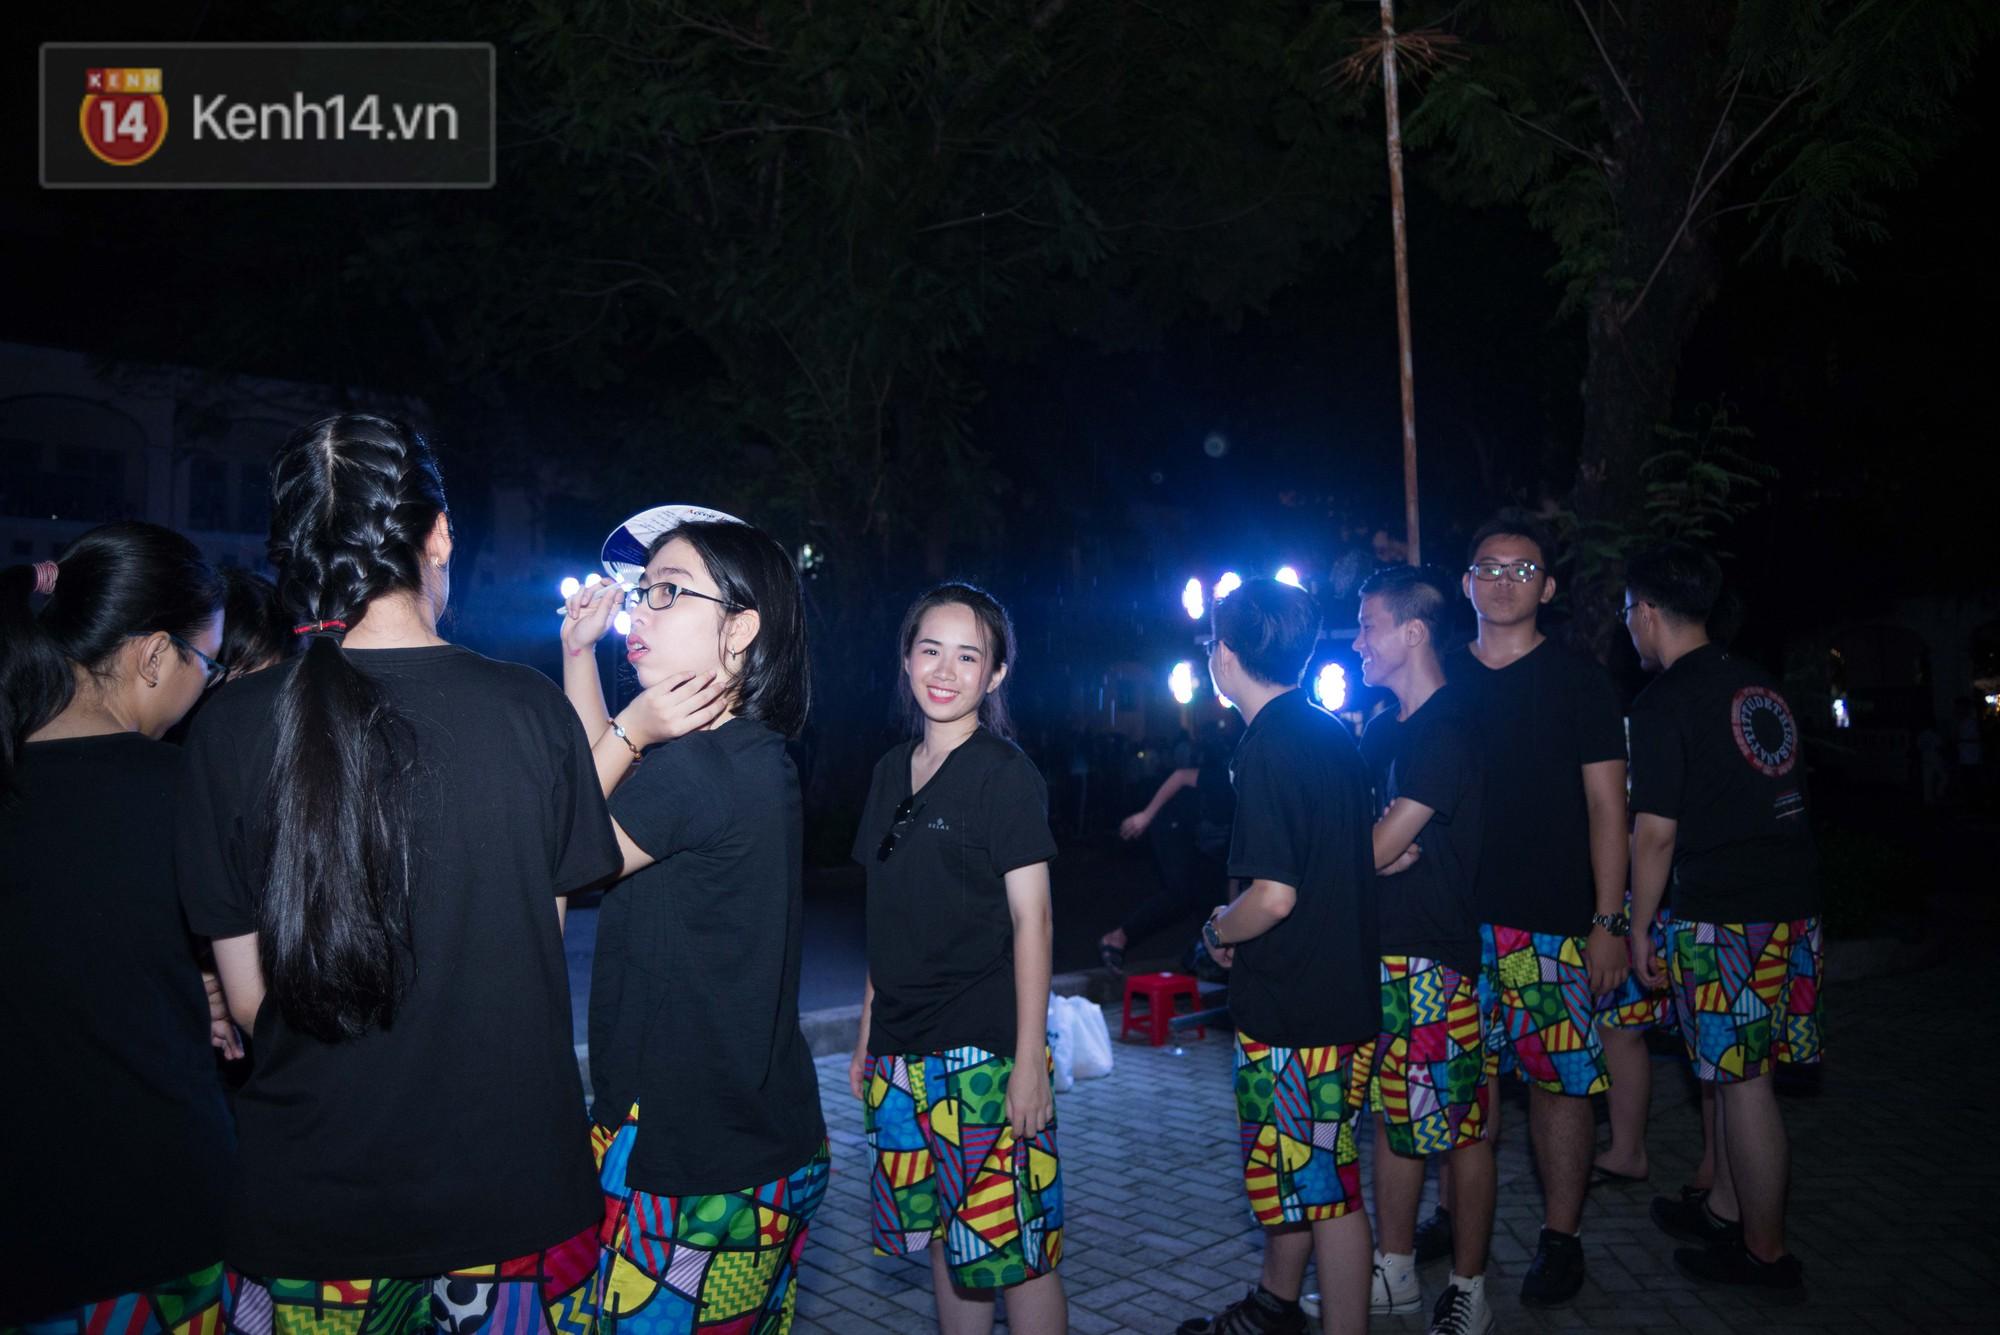 Đêm ra trường chuyên Lê Hồng Phong: Còn hơn những giọt nước mắt chính là cùng cười, cùng vui bên nhau đêm cuối - Ảnh 7.